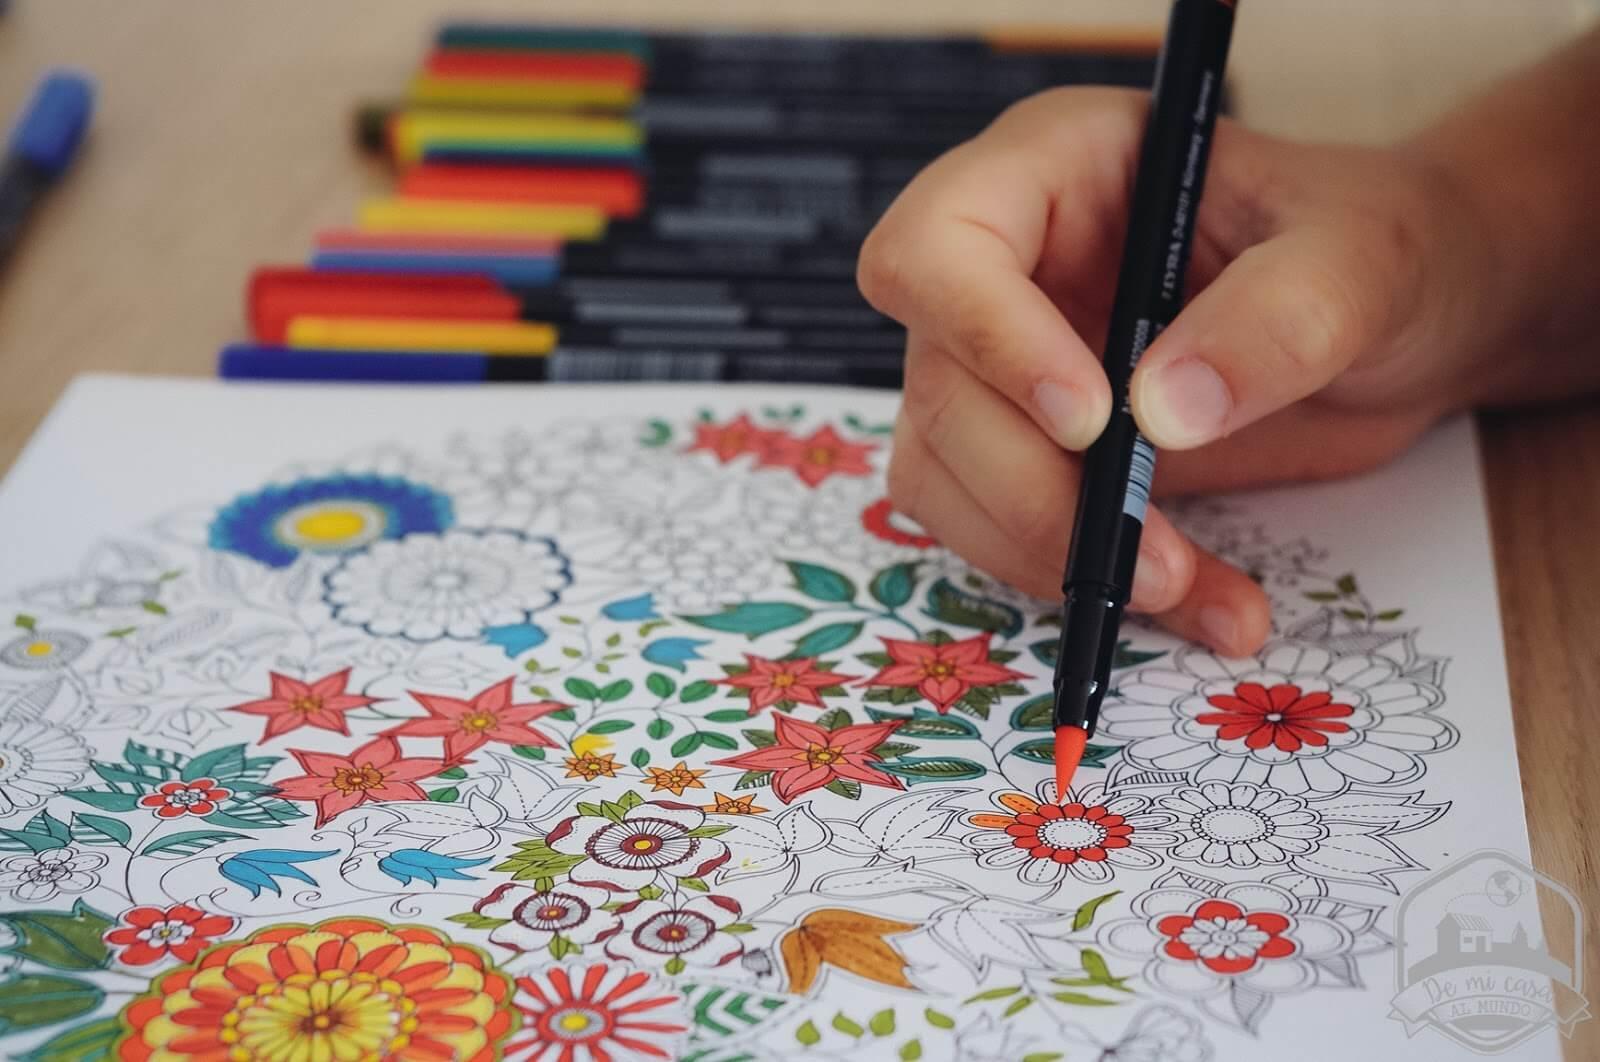 Contra-la-ansiedad-prueba-a-colorear-dibujos-o-mandalas.